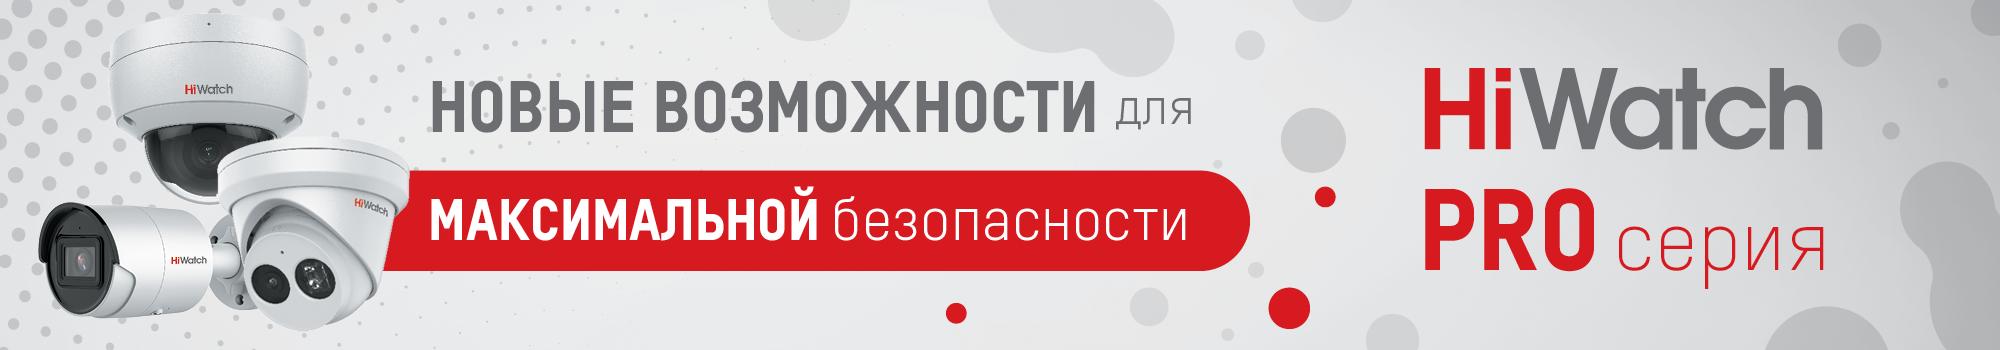 web_hiwatch_pro34